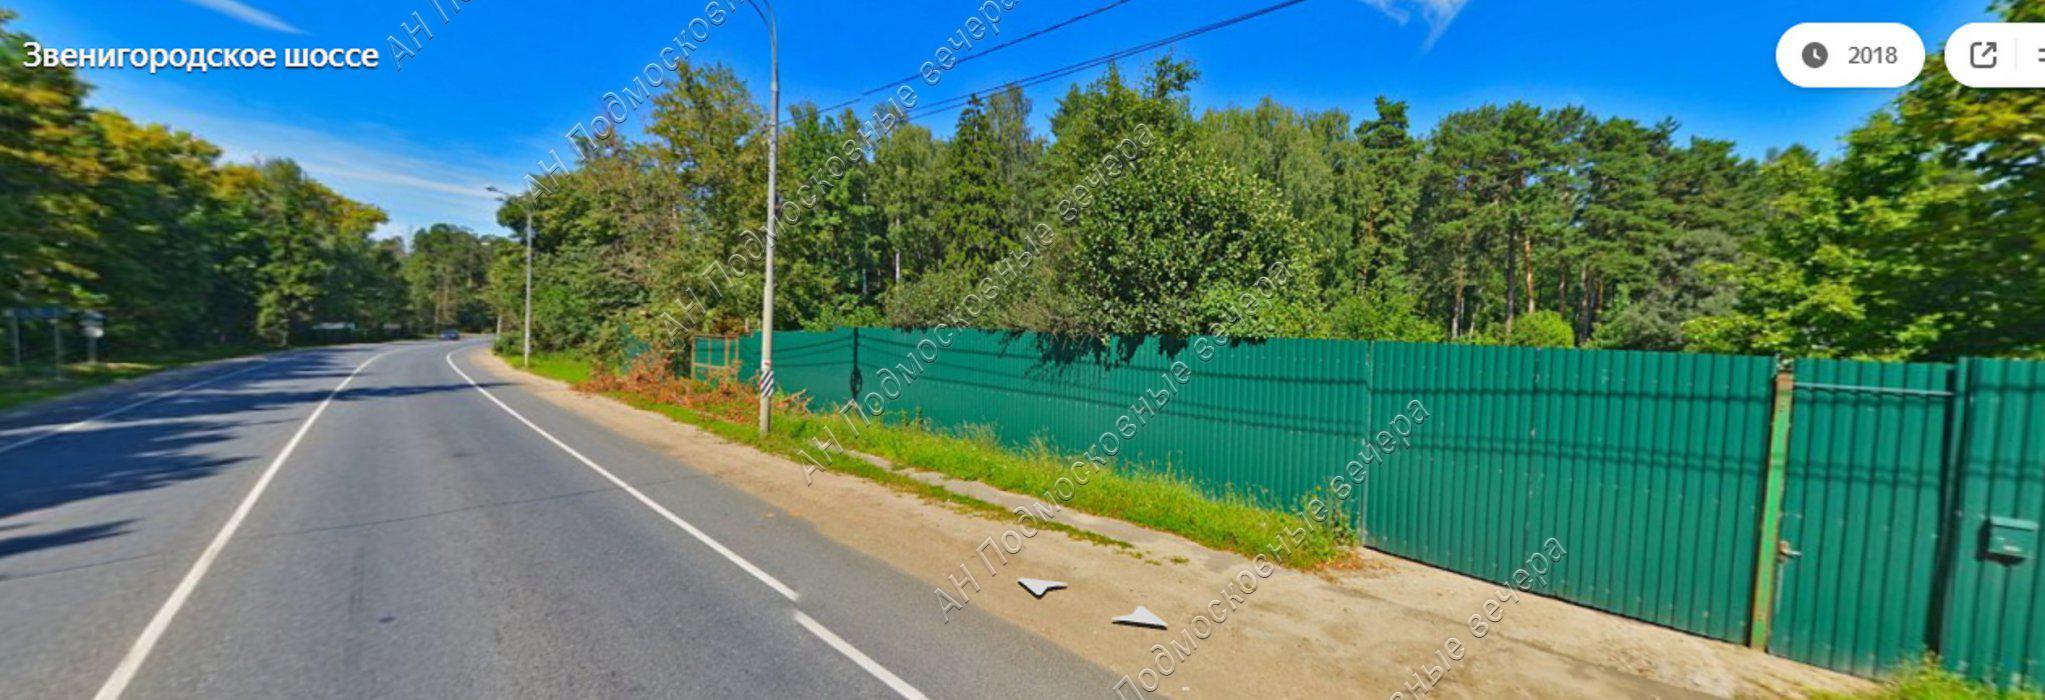 Участок на продажу по адресу Россия, Московская область, Одинцовский район, Хлюпино, Звенигородское шоссе